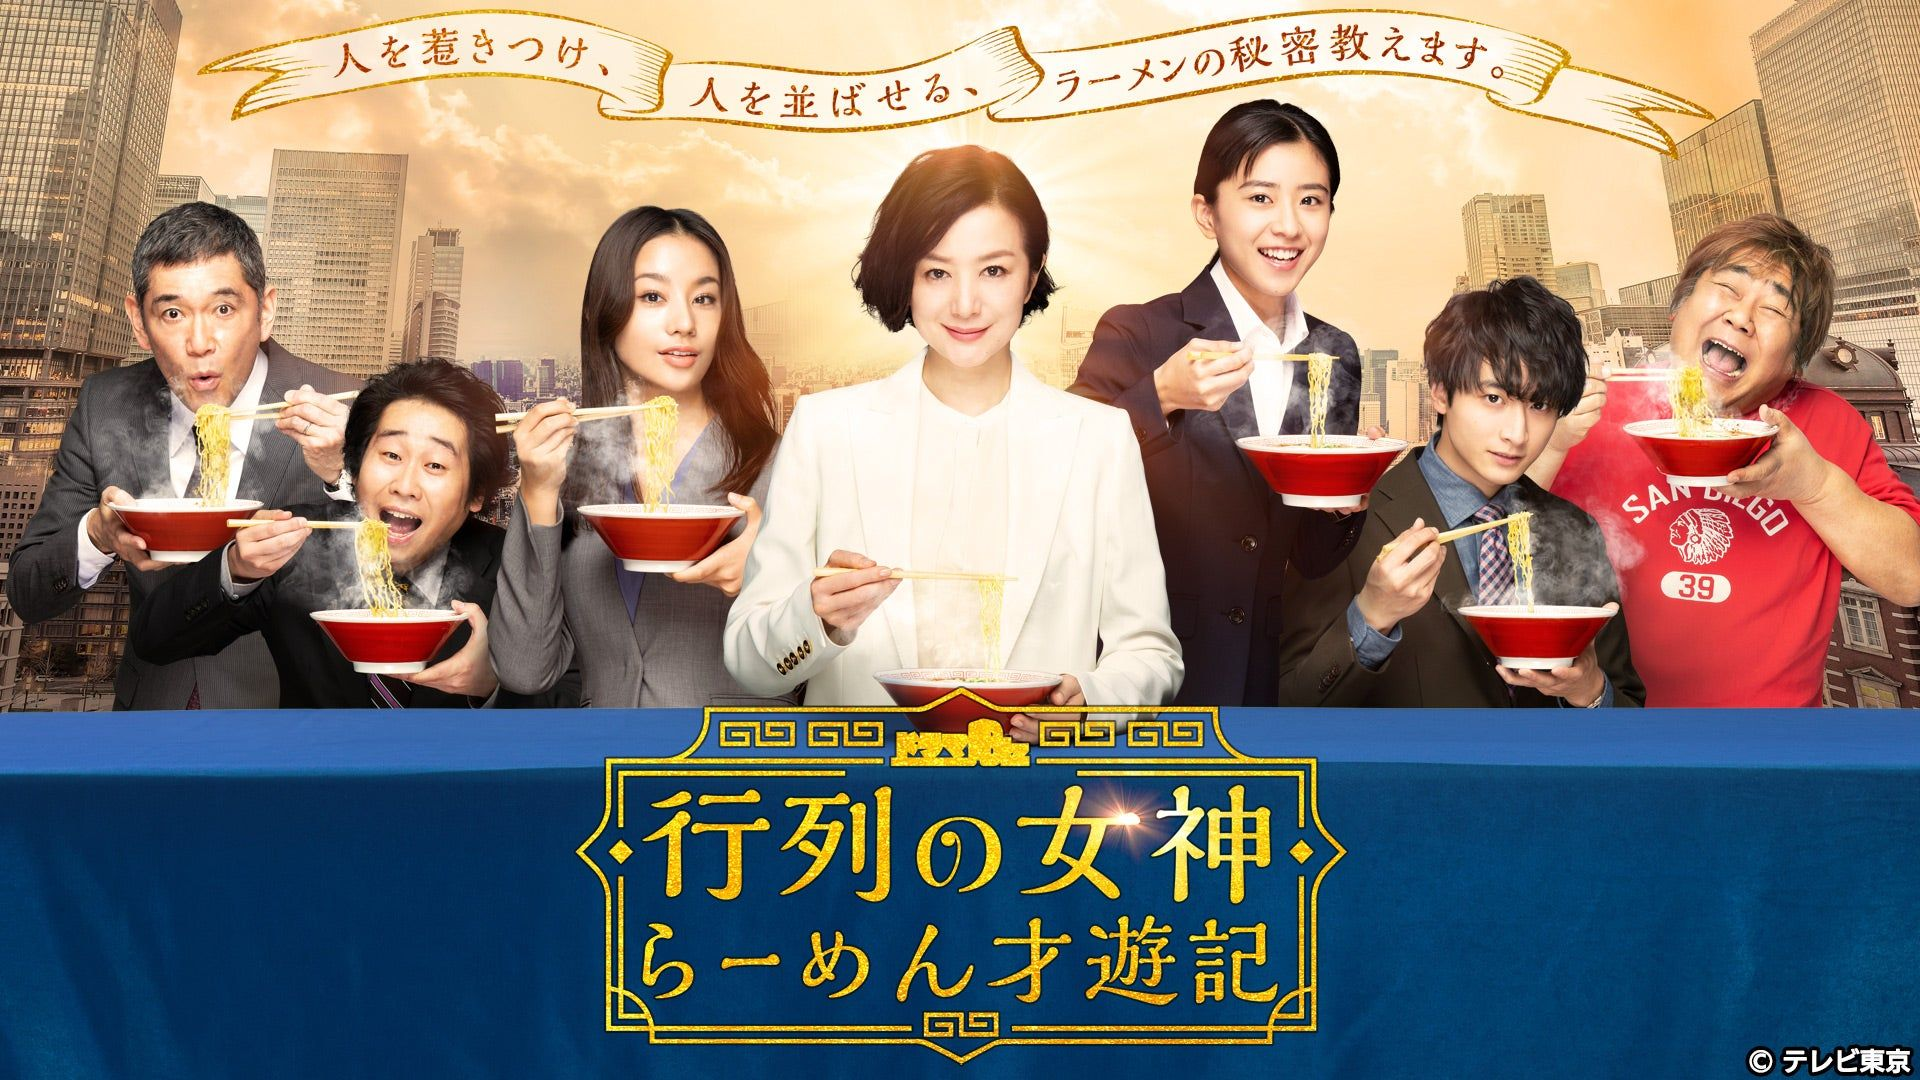 4 27 月 行列の女神 らーめん才遊記 第2話 2020 小関裕太 動画 前野